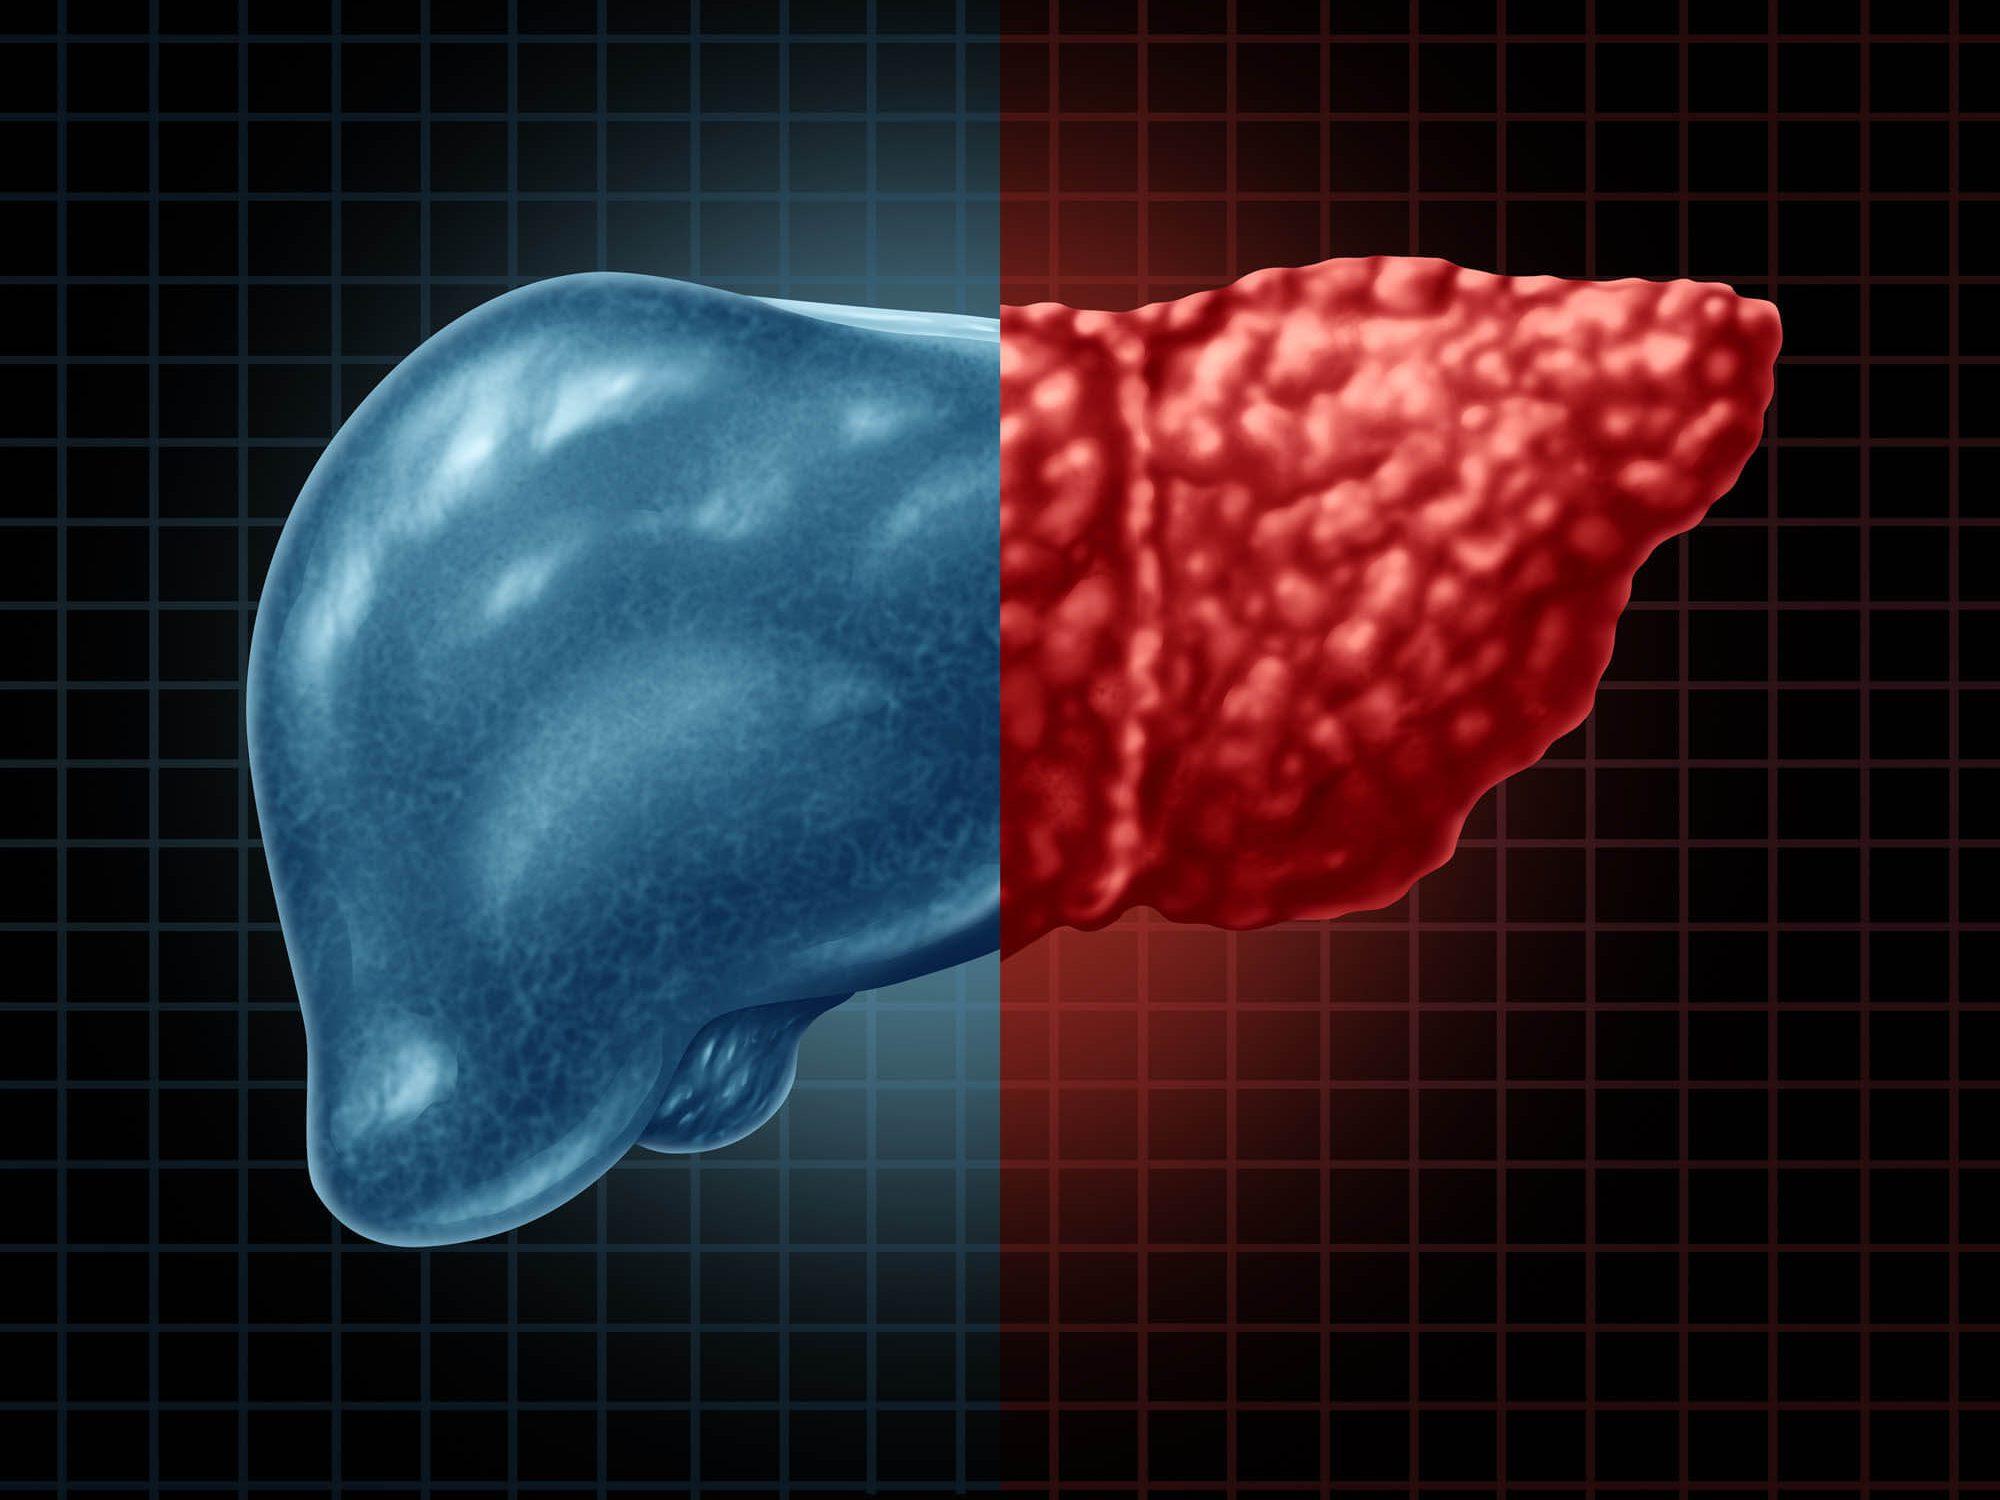 מחלת הכבד השומני והניתוח הבריאטרי